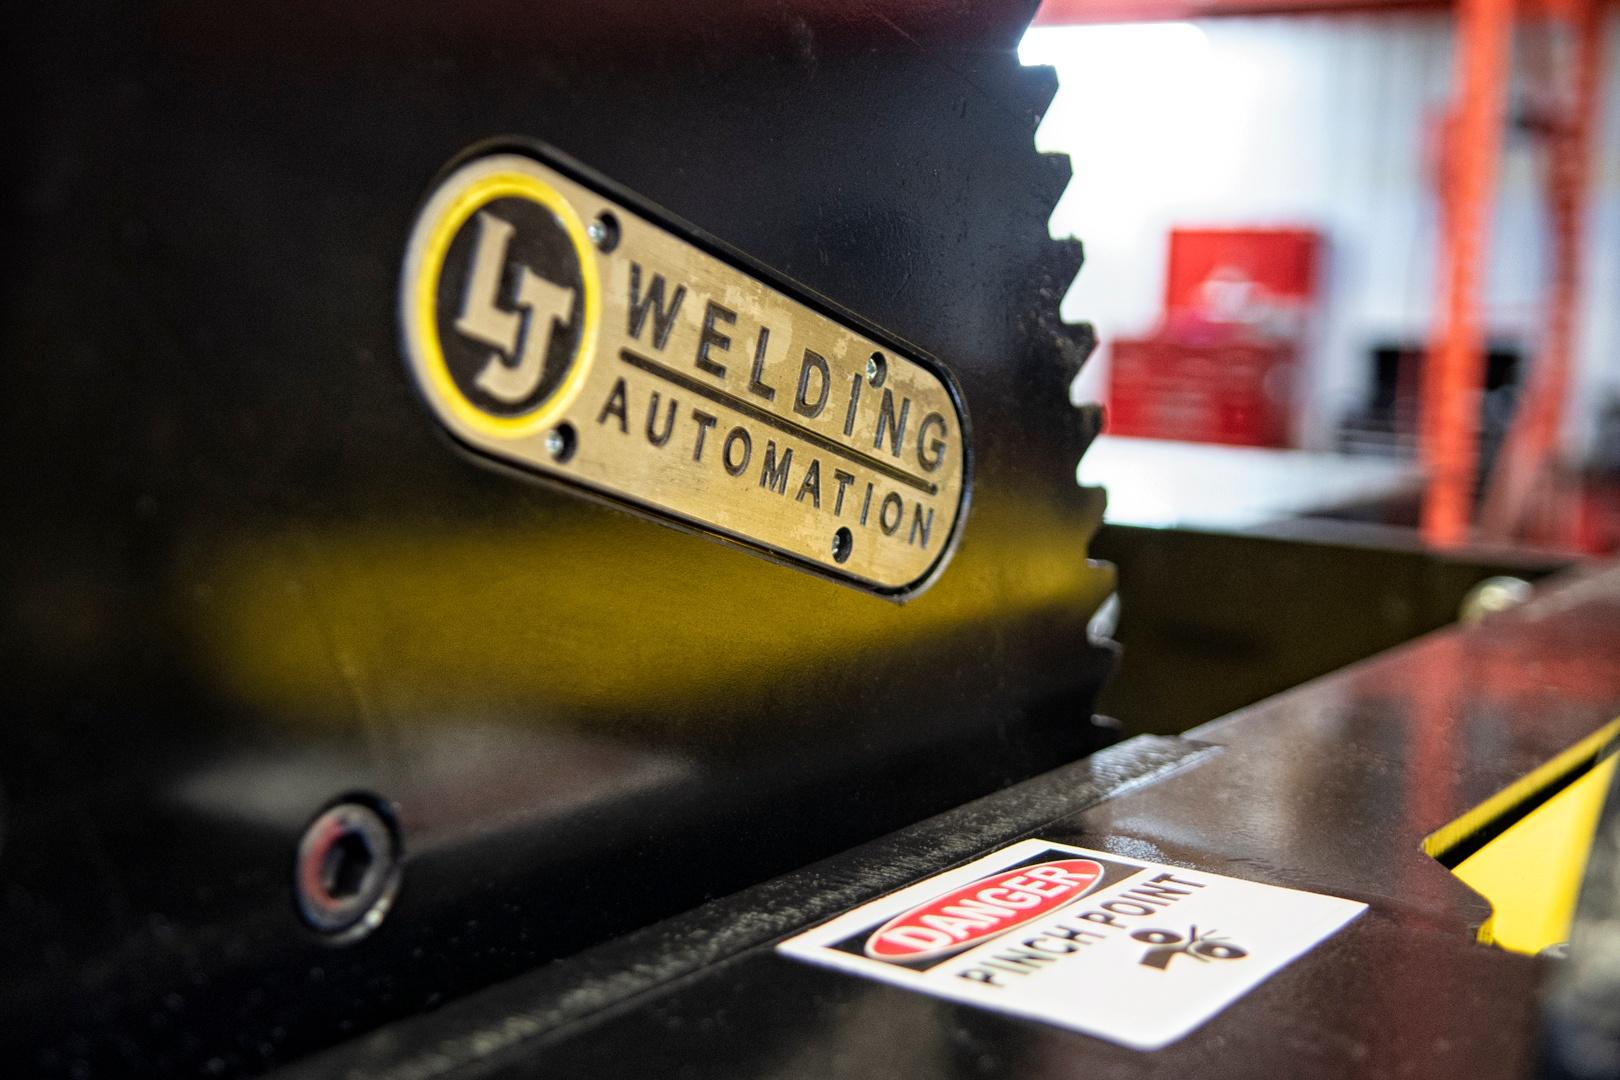 close up of lj welding logo on the gear tilt positioner